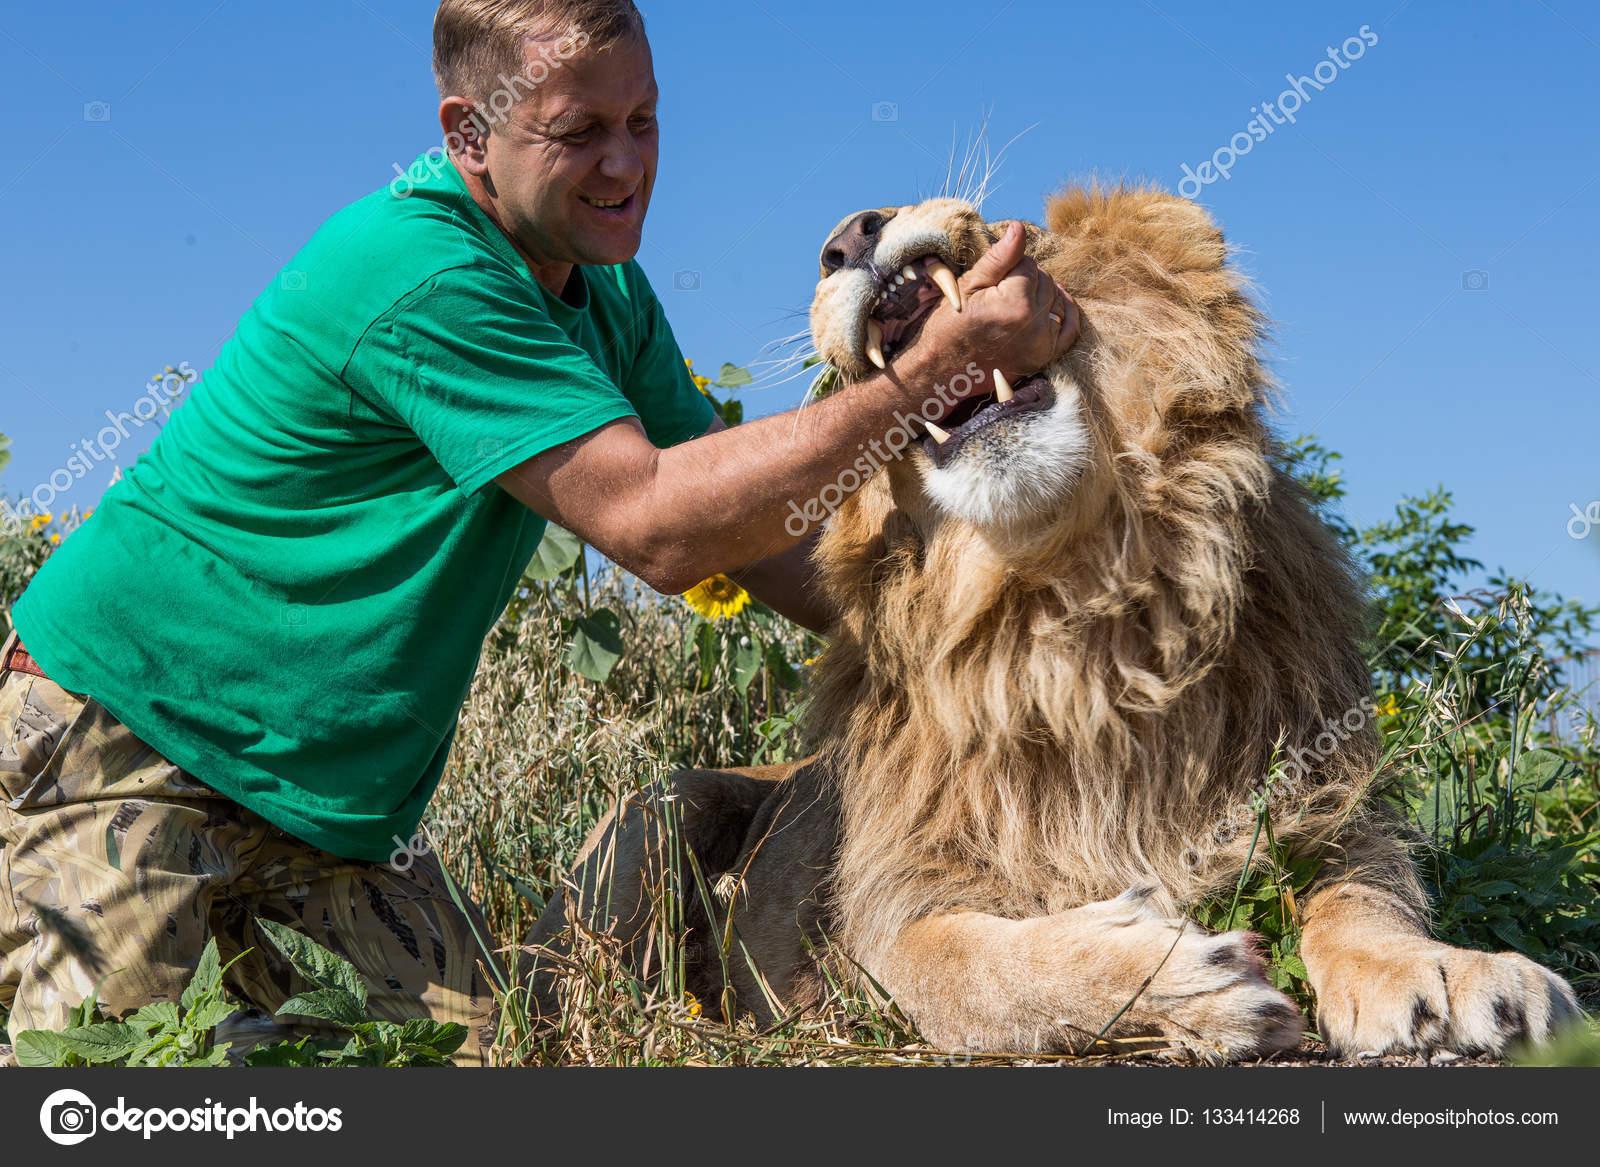 l homme met sa main dans la gueule du lion safari parc ta ga photographie korzun 133414268. Black Bedroom Furniture Sets. Home Design Ideas